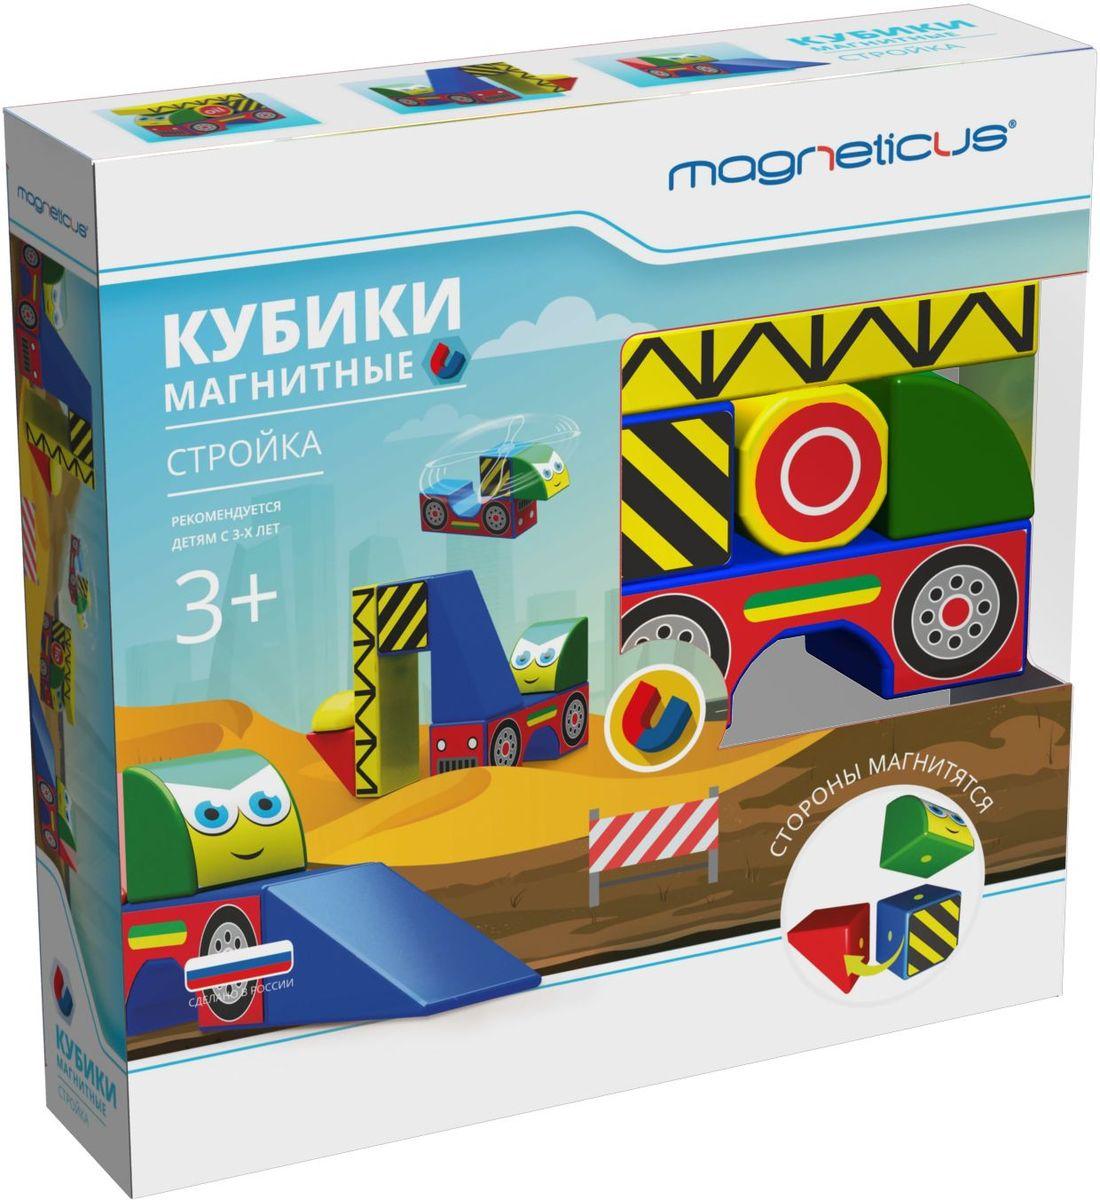 Magneticus Конструктор магнитный Стройка